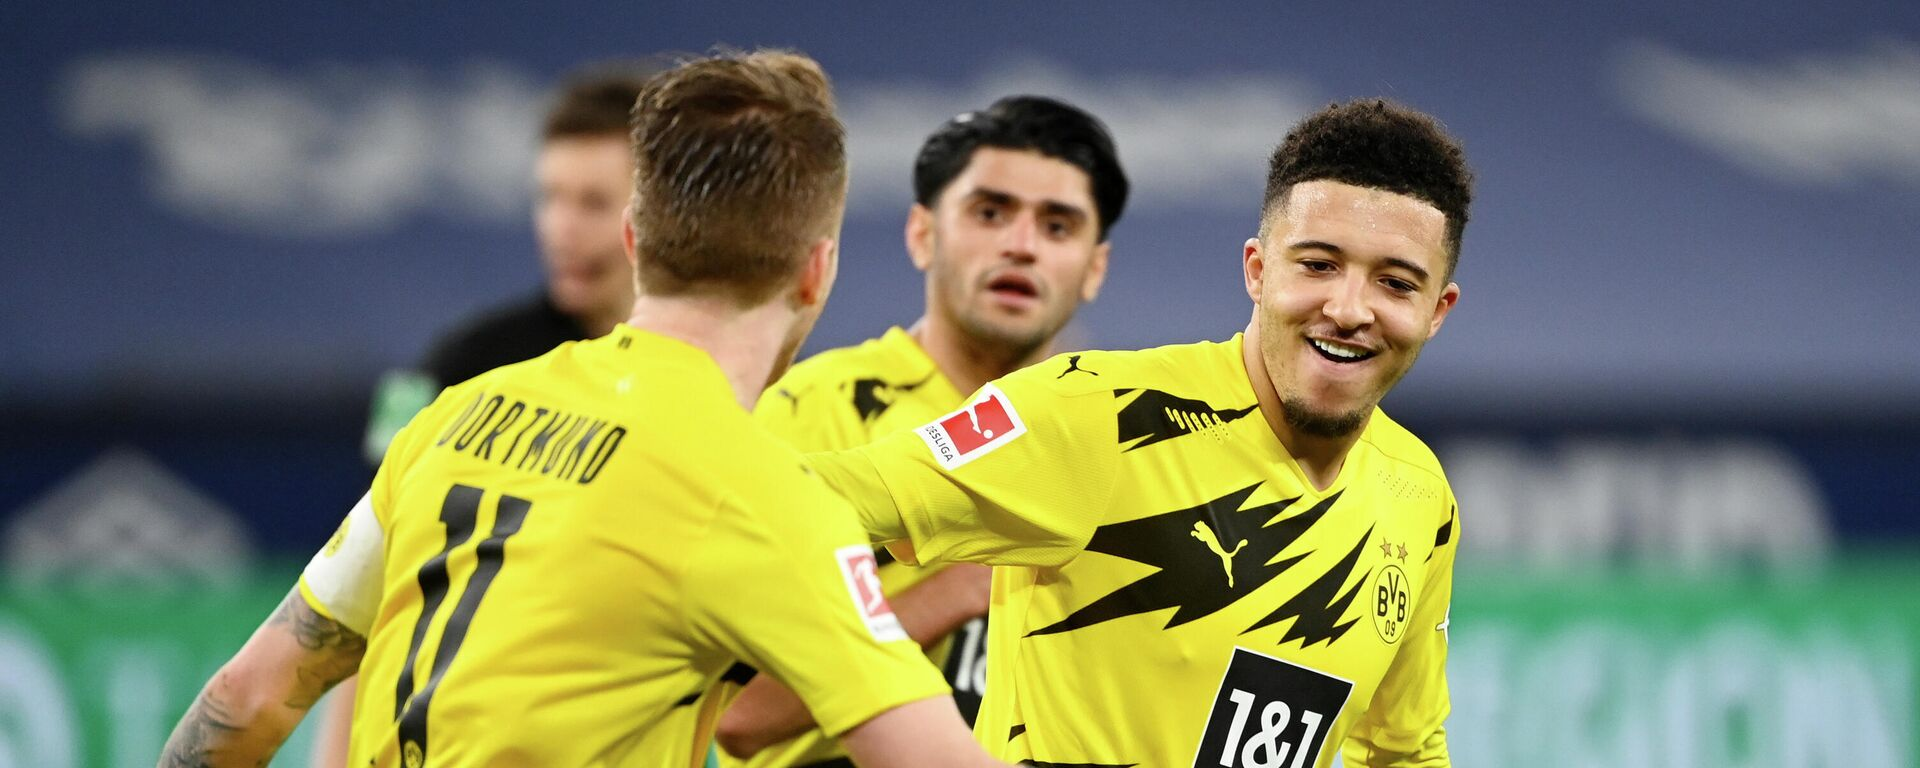 BvB-Fußballer feiern ihren Sieg im Ruhr-Derby gegen FC Schalke 04, 20. Februar 2021 - SNA, 1920, 22.02.2021